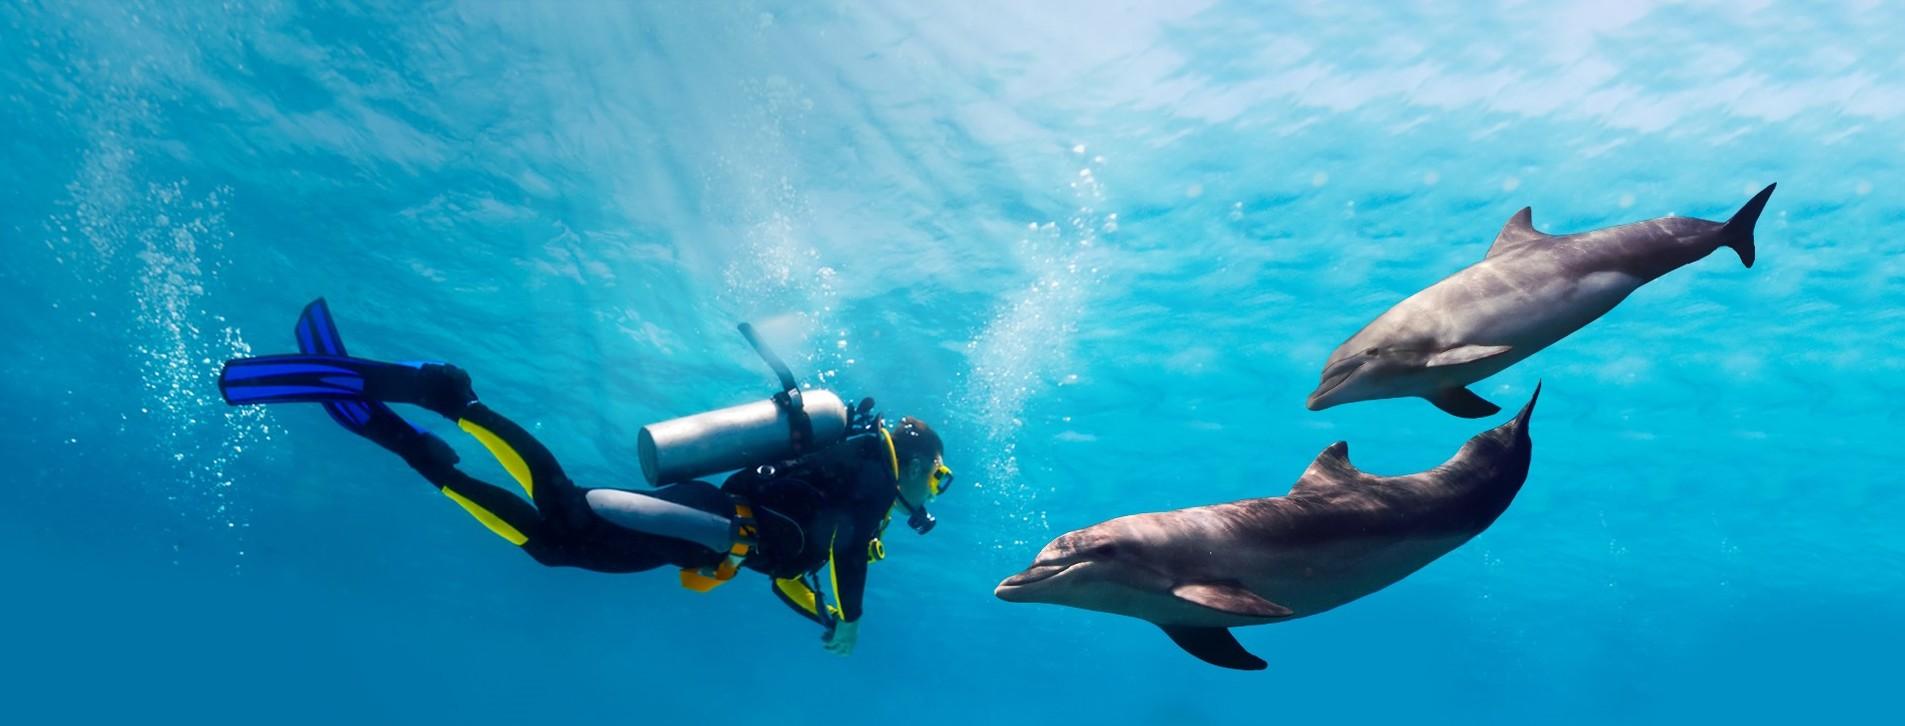 Фото 1 - Дайвинг с дельфинами